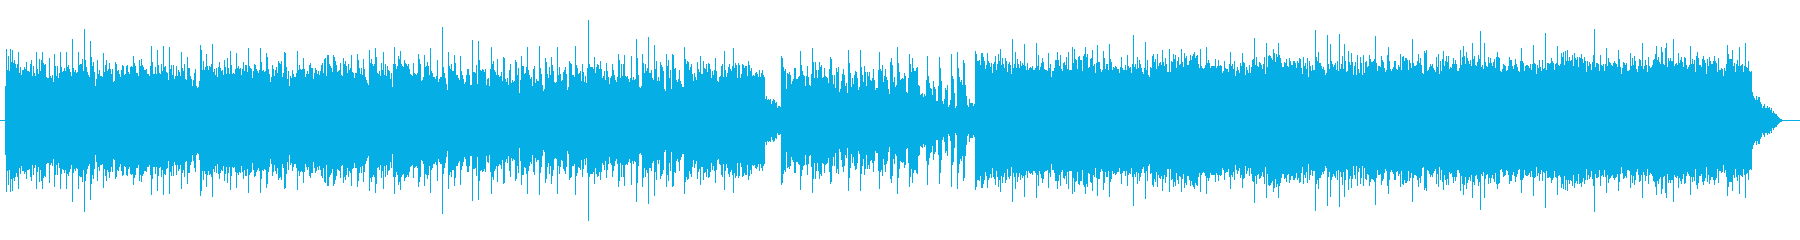 【1分ver】歌モノのようなギターロックの再生済みの波形